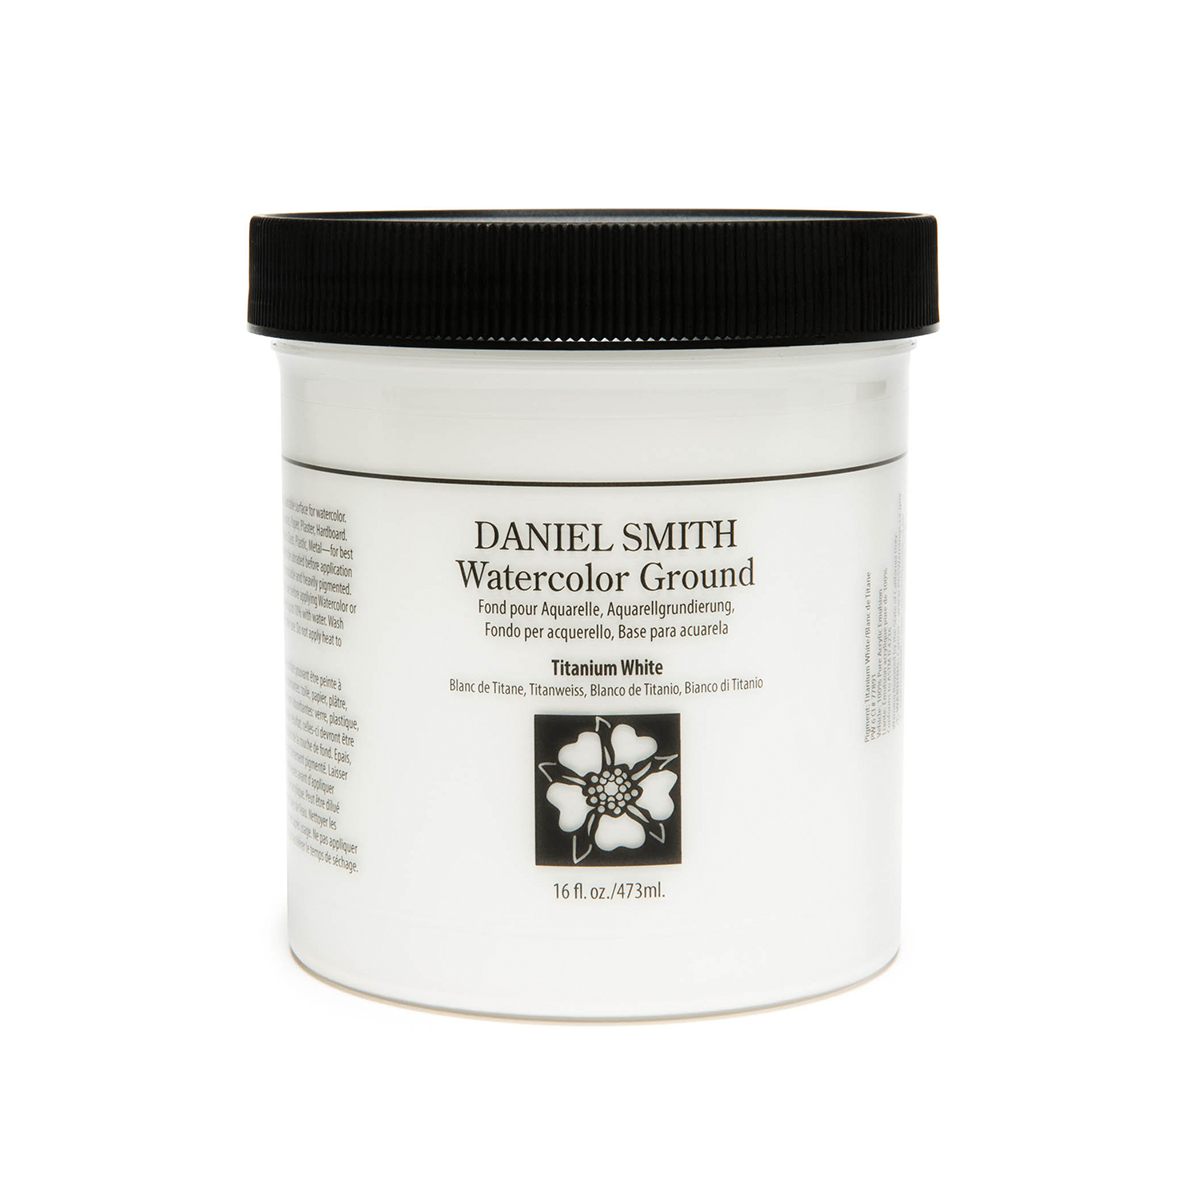 DANIEL SMITH チタニウムホワイト Titanium 毎日激安特売で 営業中です White 格安 価格でご提供いたします 473ml スミス ダニエル グラウンド 水彩絵具